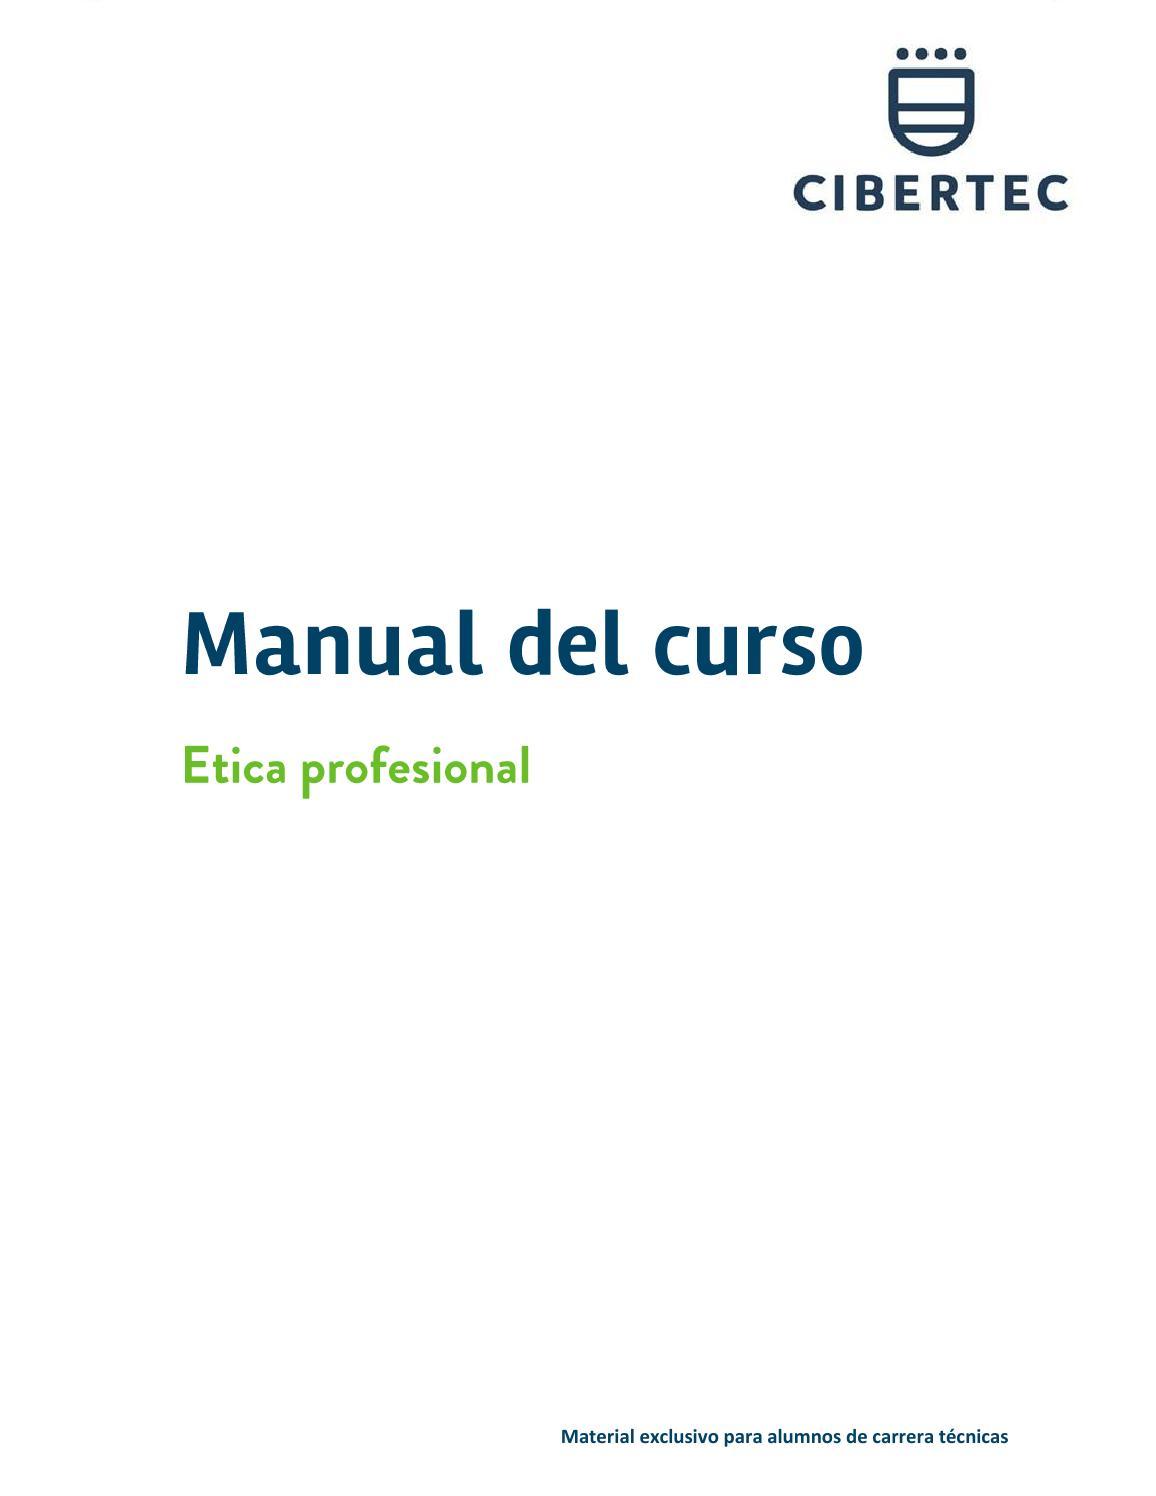 1369_Manual_completo_del_curso by CIBERTEC - issuu